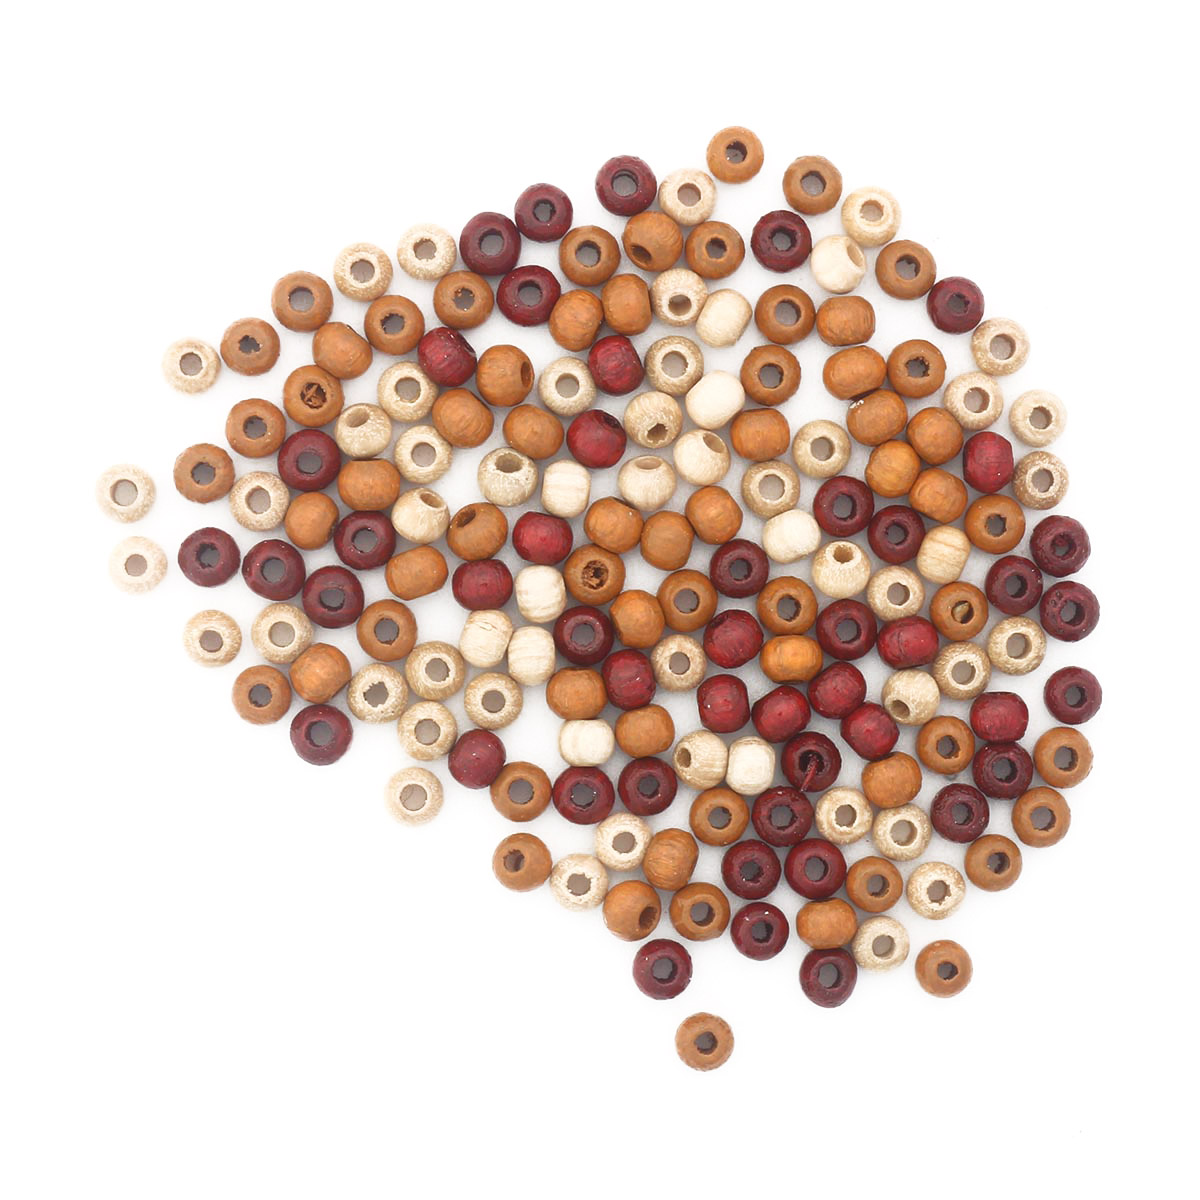 61651056 Бусины дерево, коричневый микс, 4 мм, упак./155 шт., Glorex